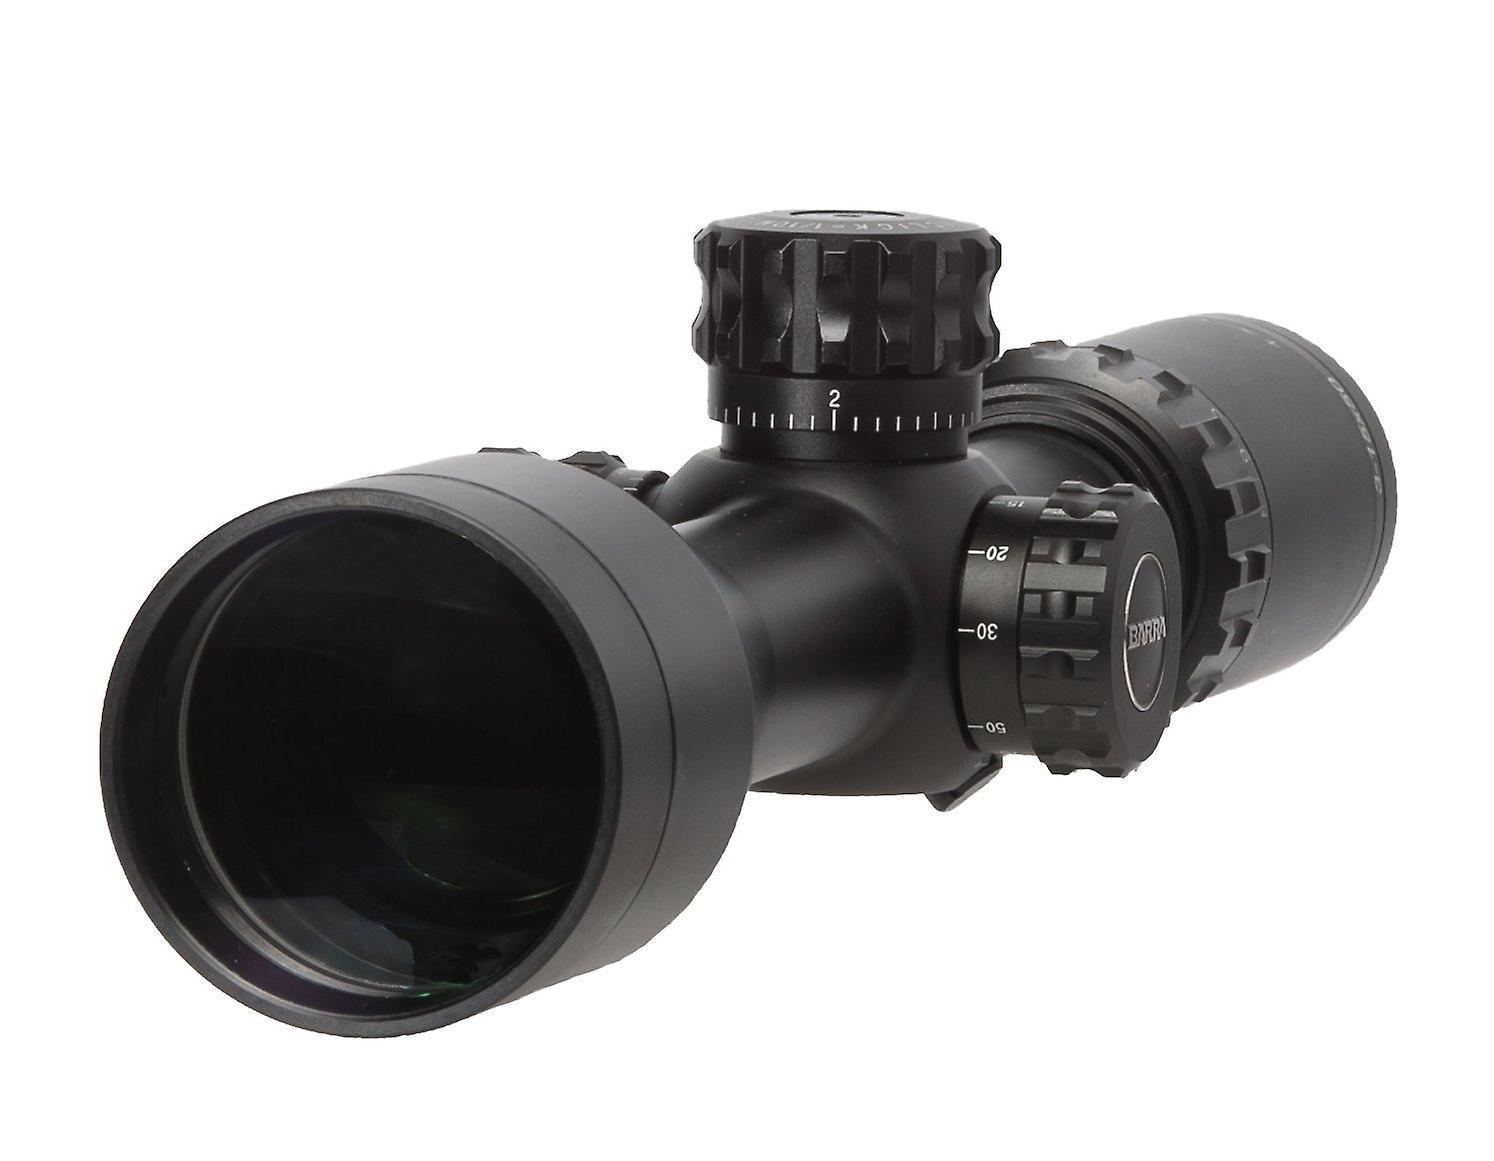 Rifle omfang, Barra Hero 3-15 x 50, for jakt og taktisk skyting [lang rekkevidde presisjon Mil dot Reticle